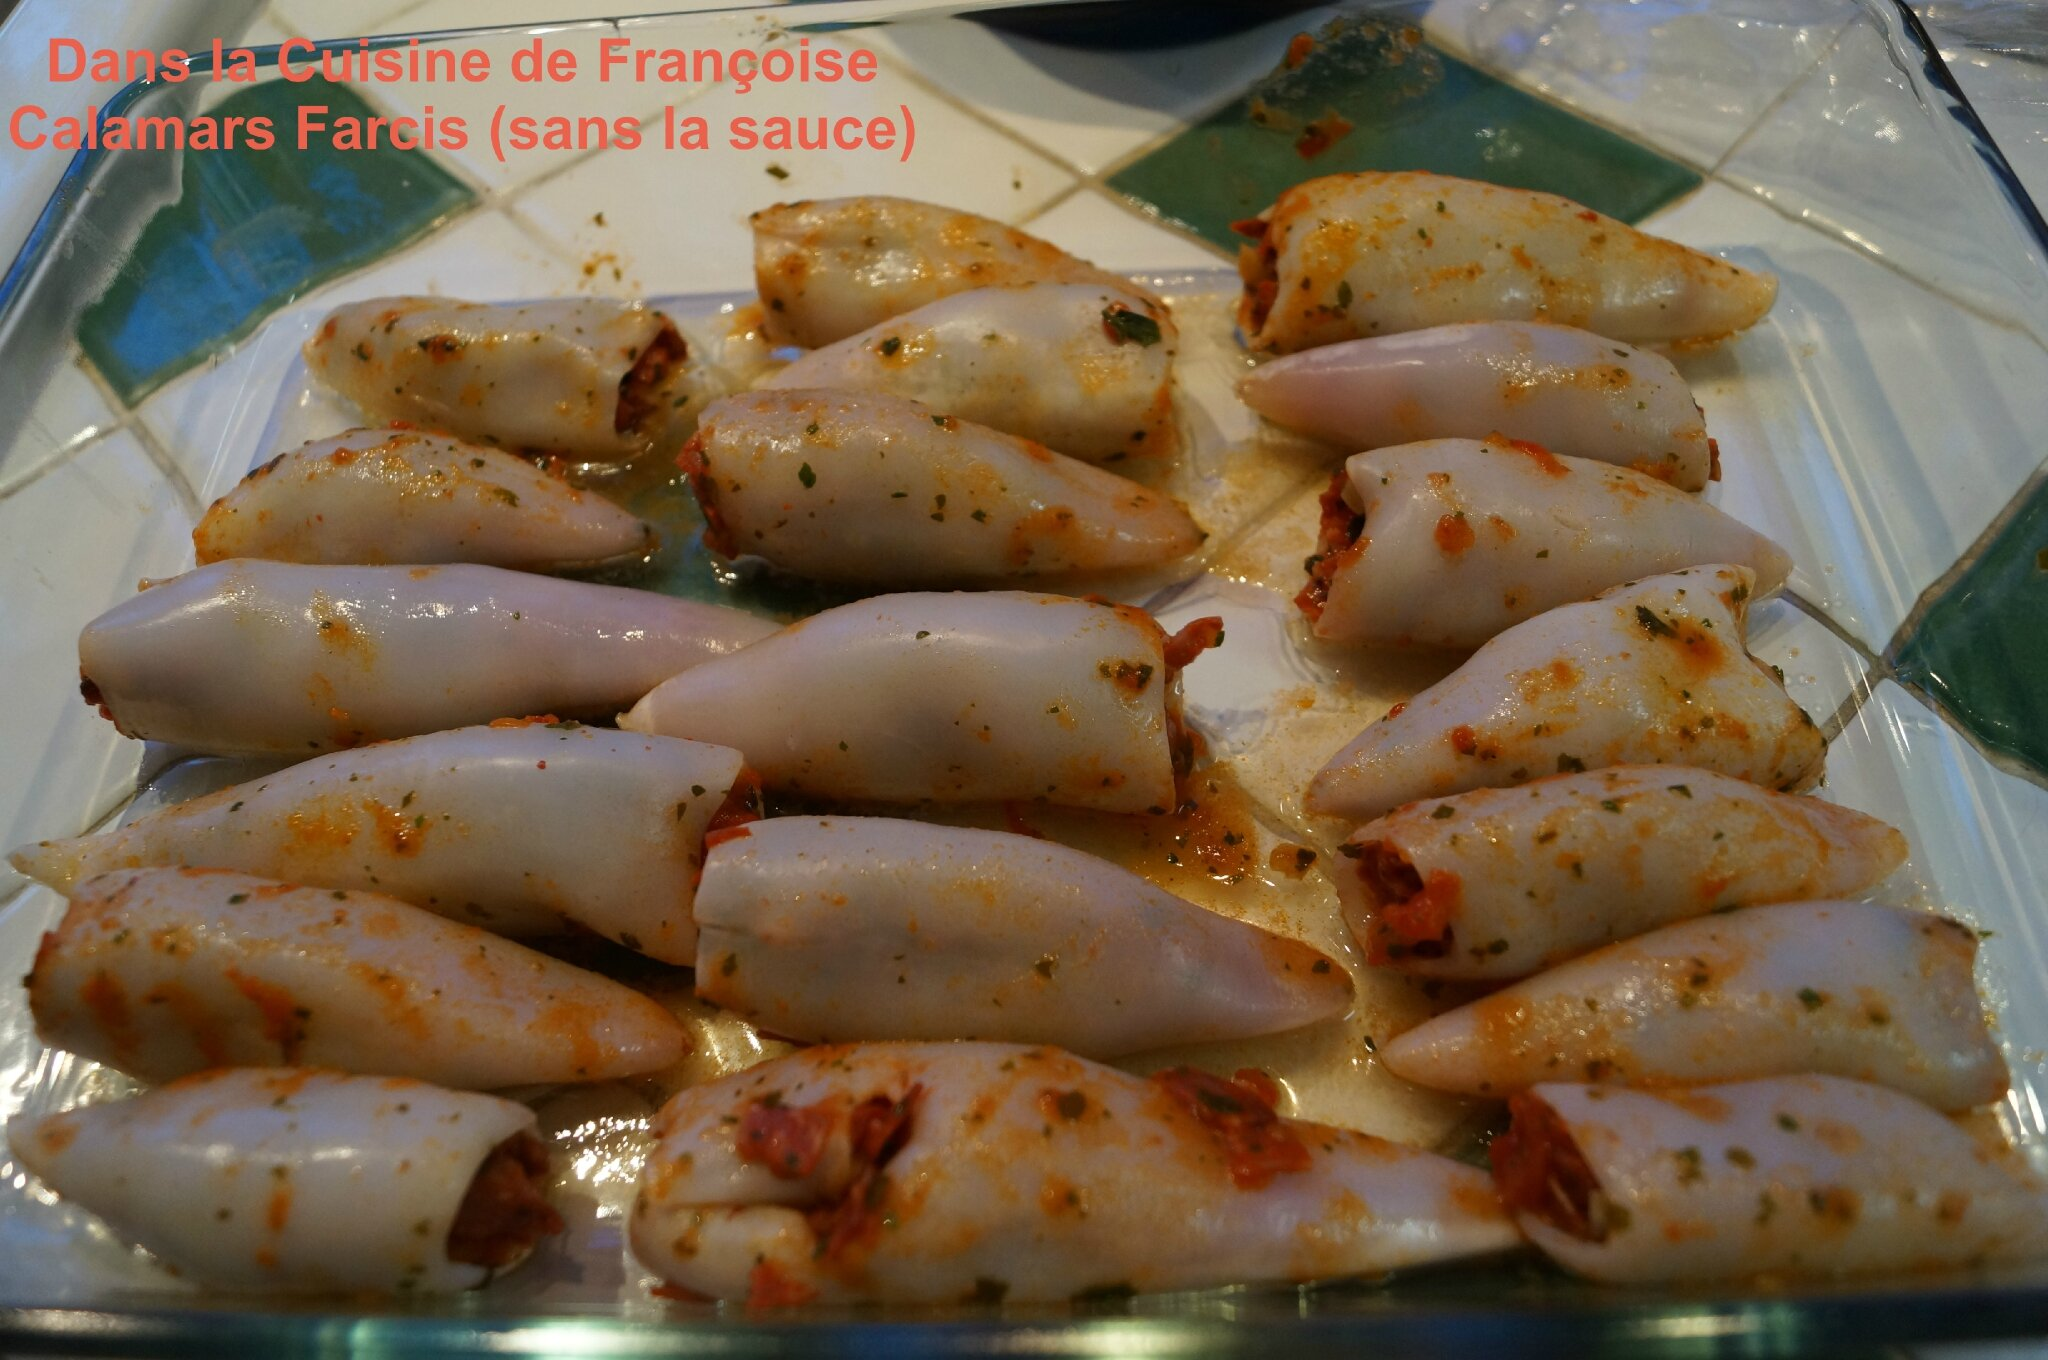 Calamars farcis recette d 39 un catalogue des magasins picard surgel s dans la cuisine de fran oise - Comment se procurer le catalogue de la redoute ...